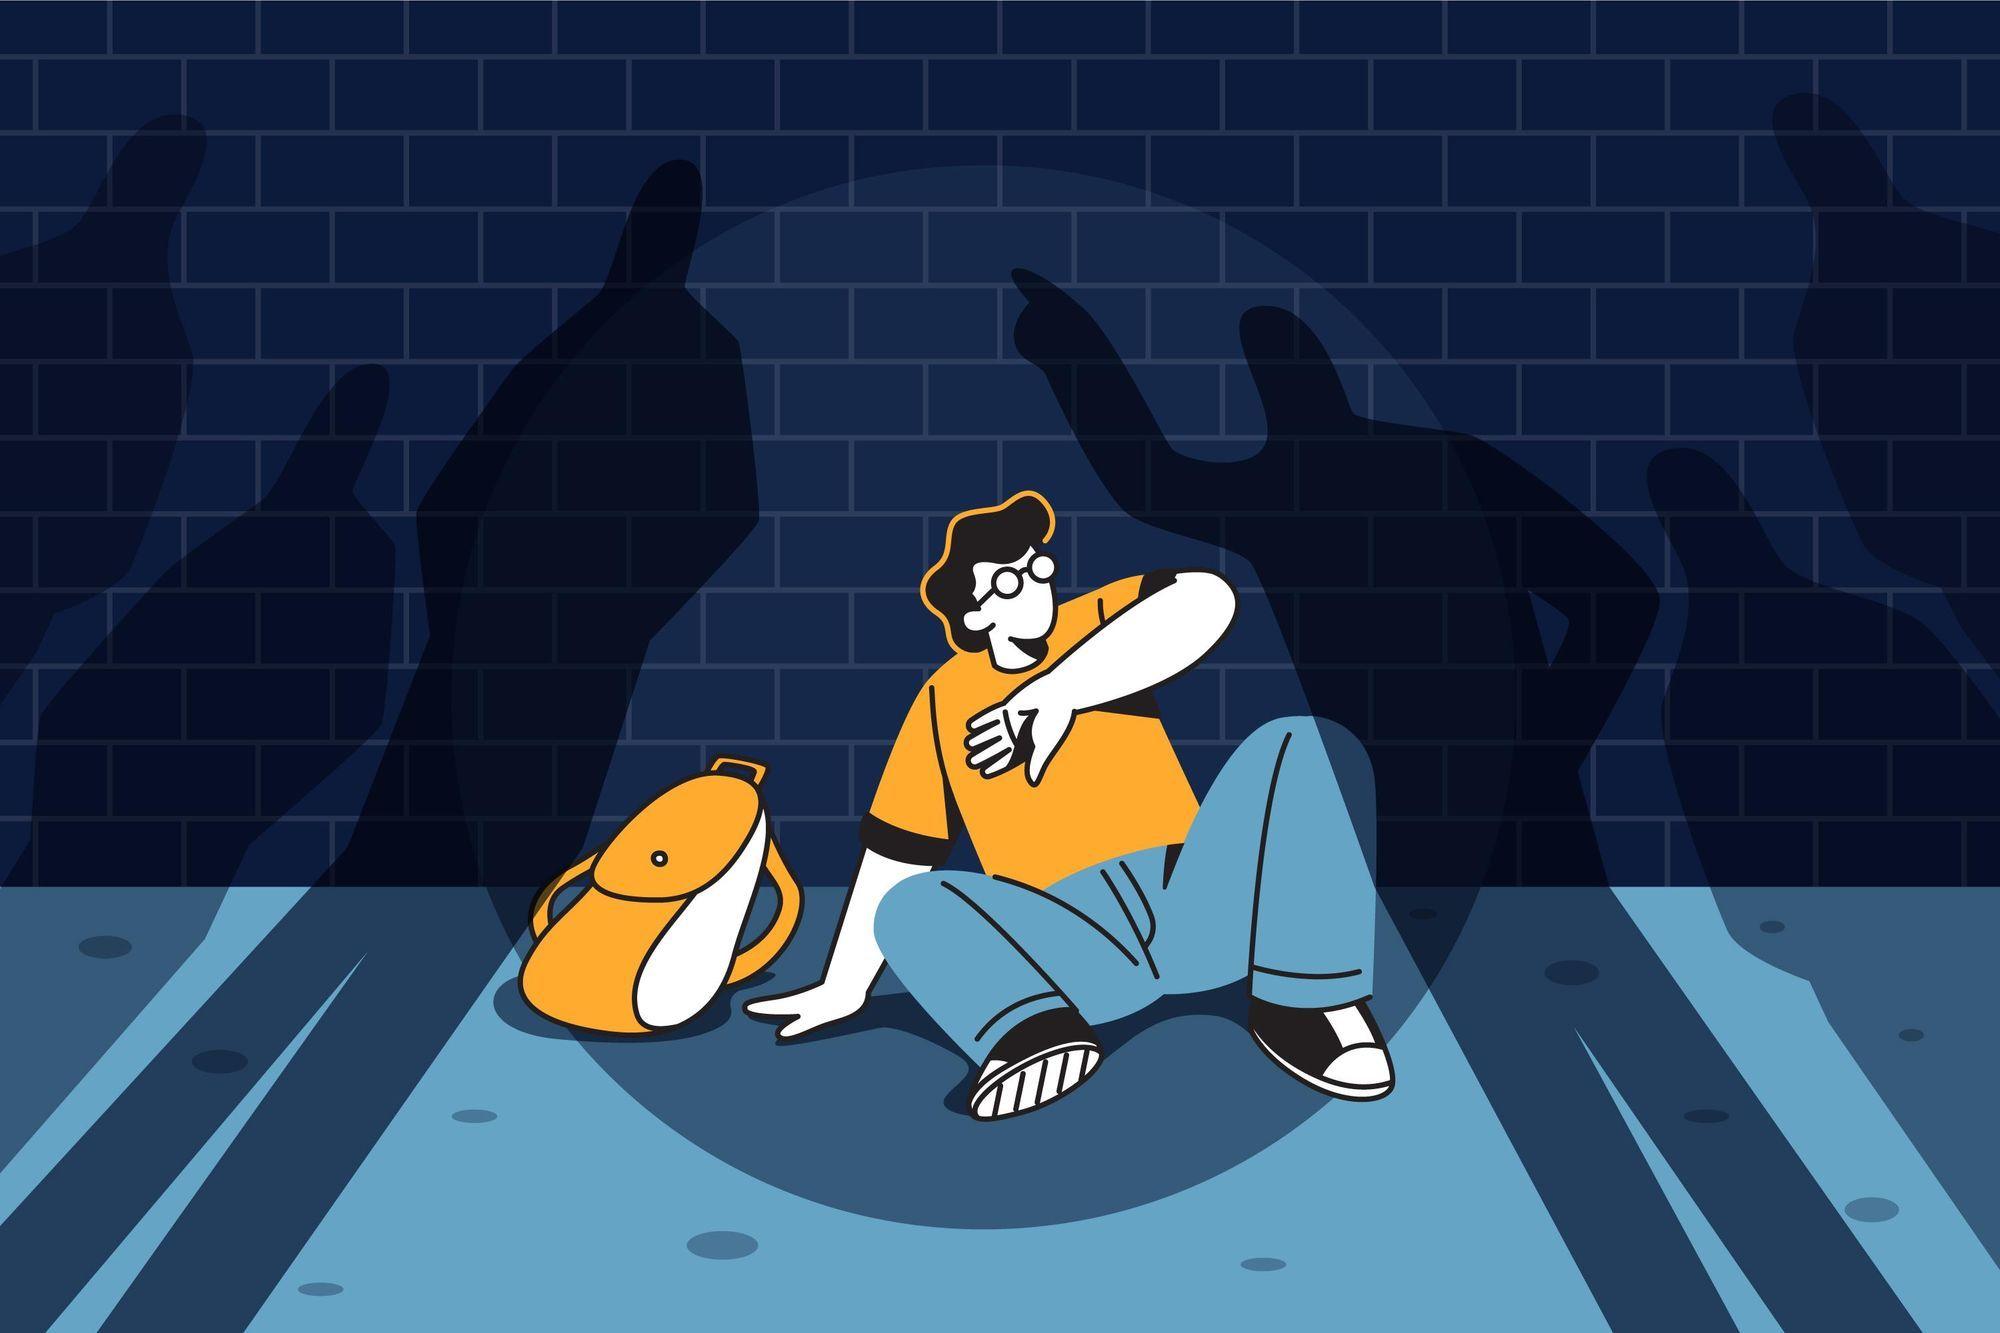 Chia sẻ với cha mẹ phụ huynh về các vấn đề bắt nạt bạo hành tại trường học